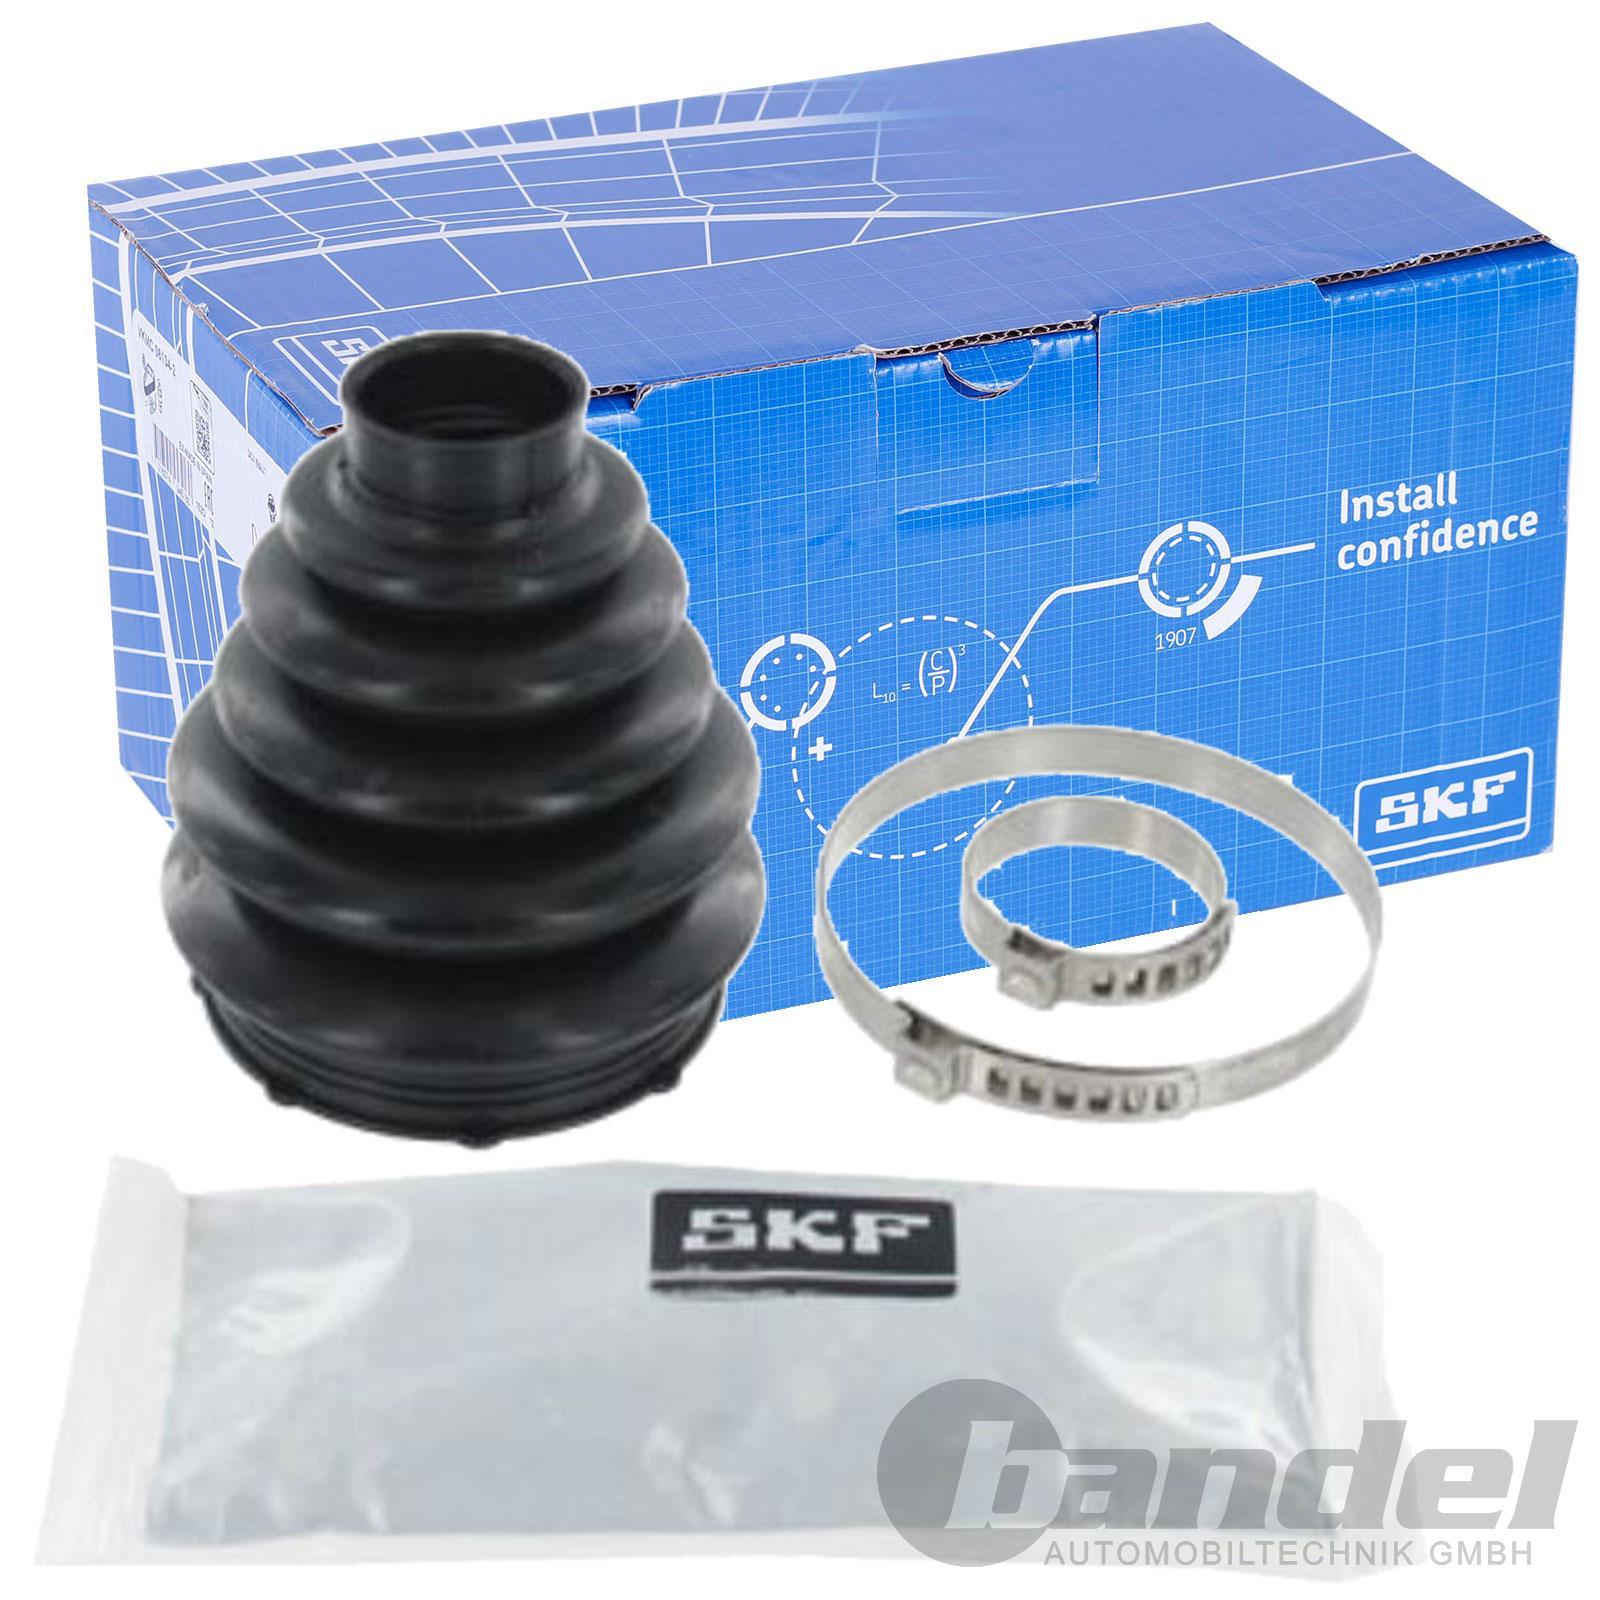 Antriebswelle für Radantrieb Vorderachse SKF VKJP 3046 Faltenbalgsatz